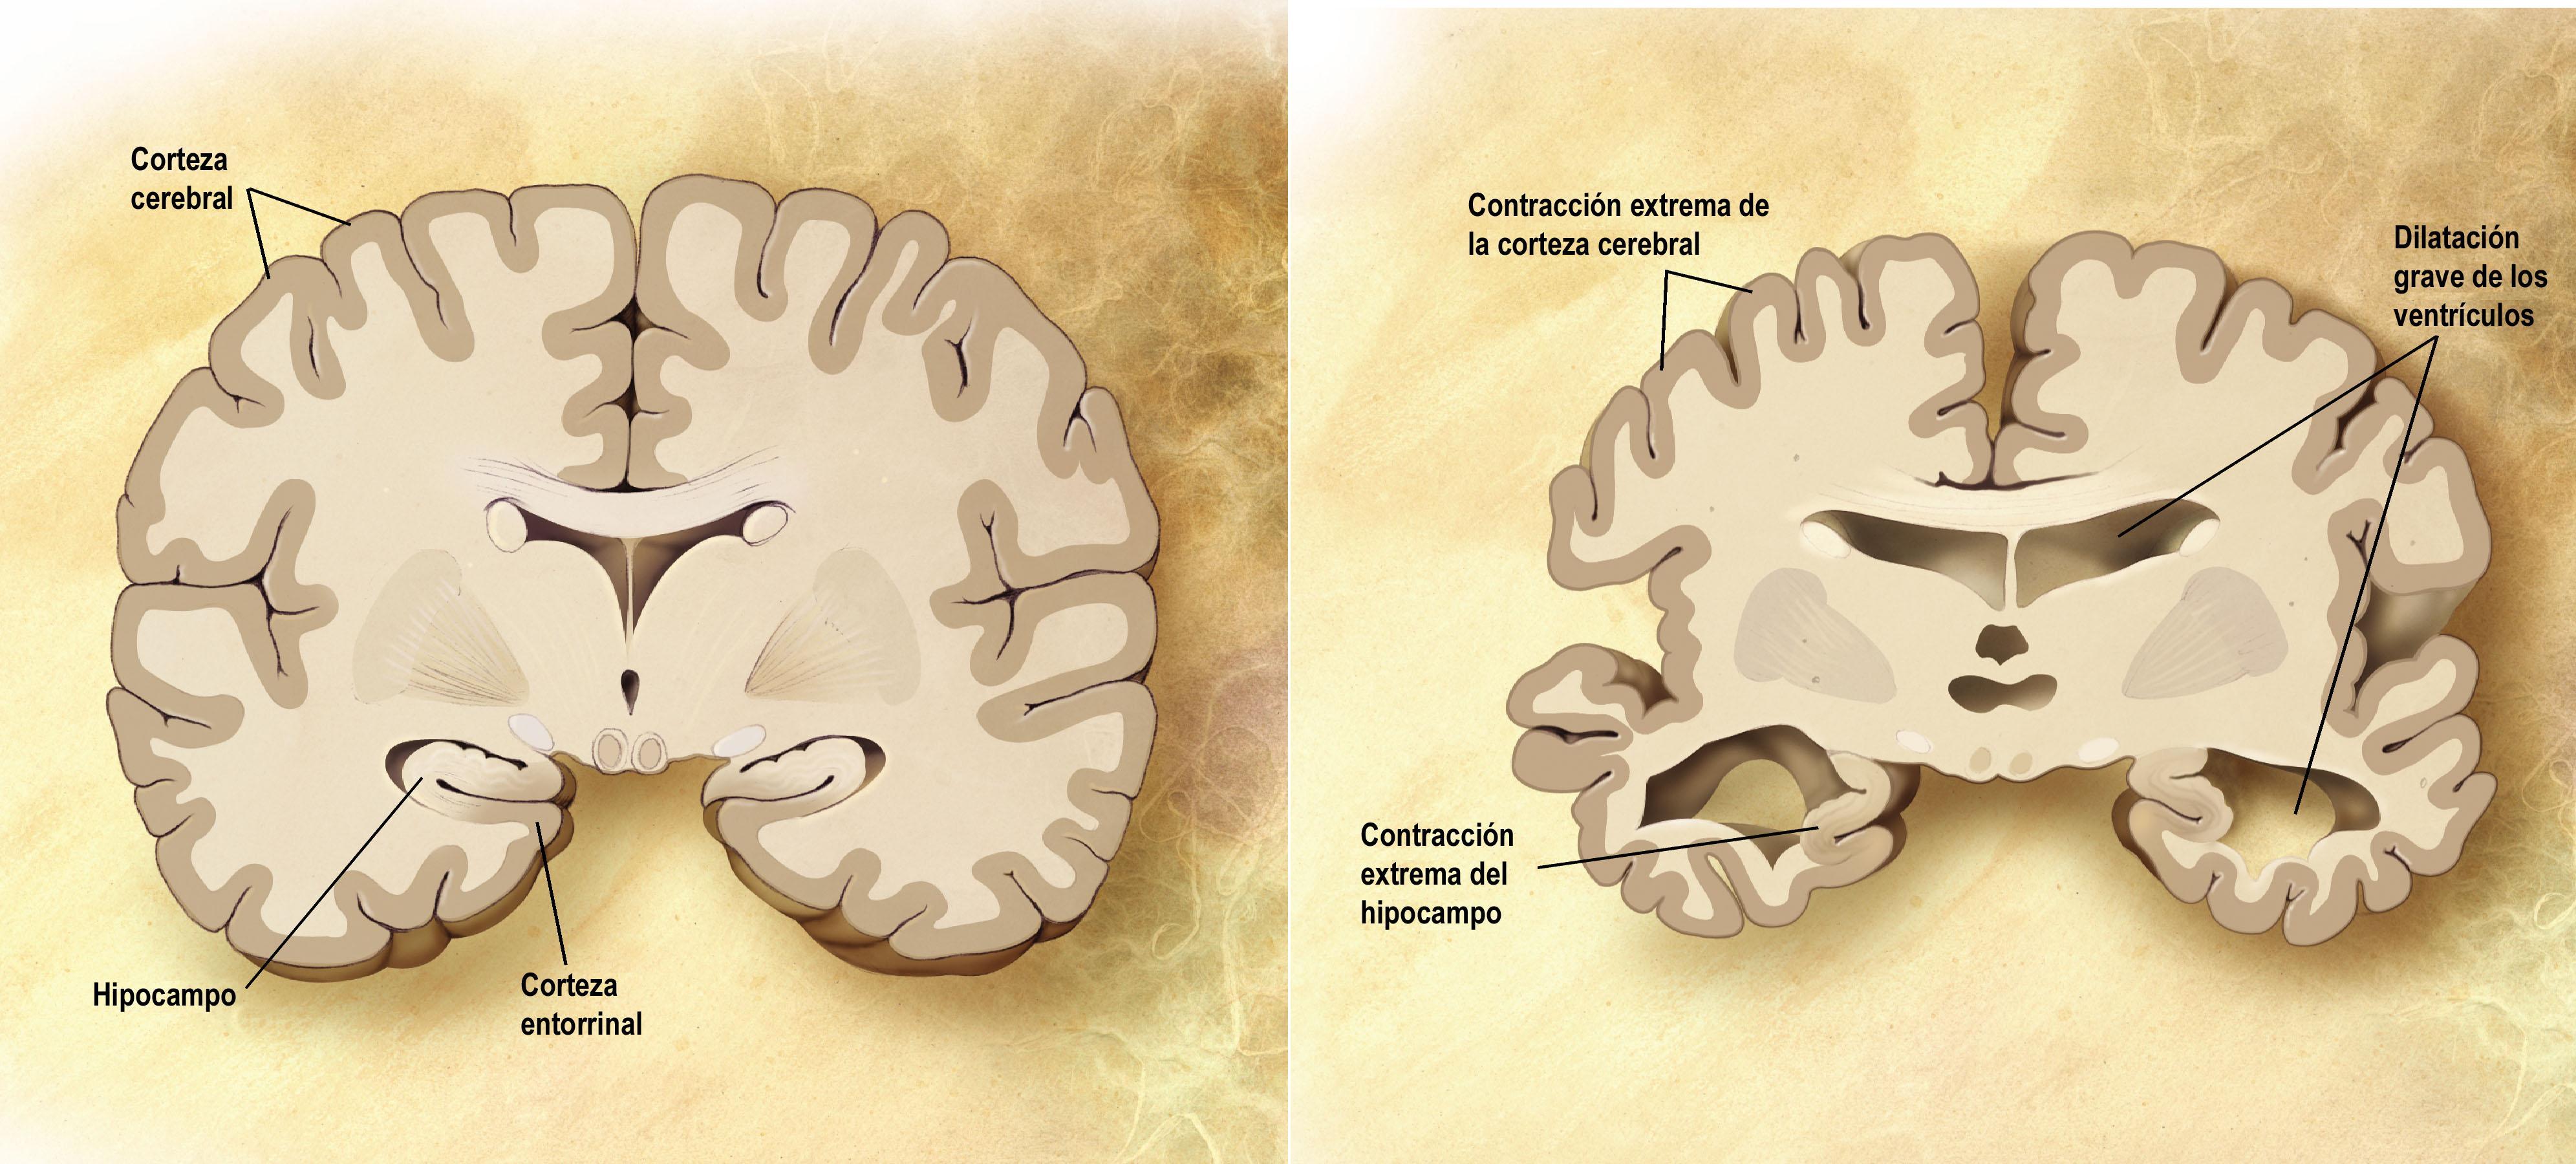 No hay evidencia de que los fármacos retrasen avance neurodegenerativo